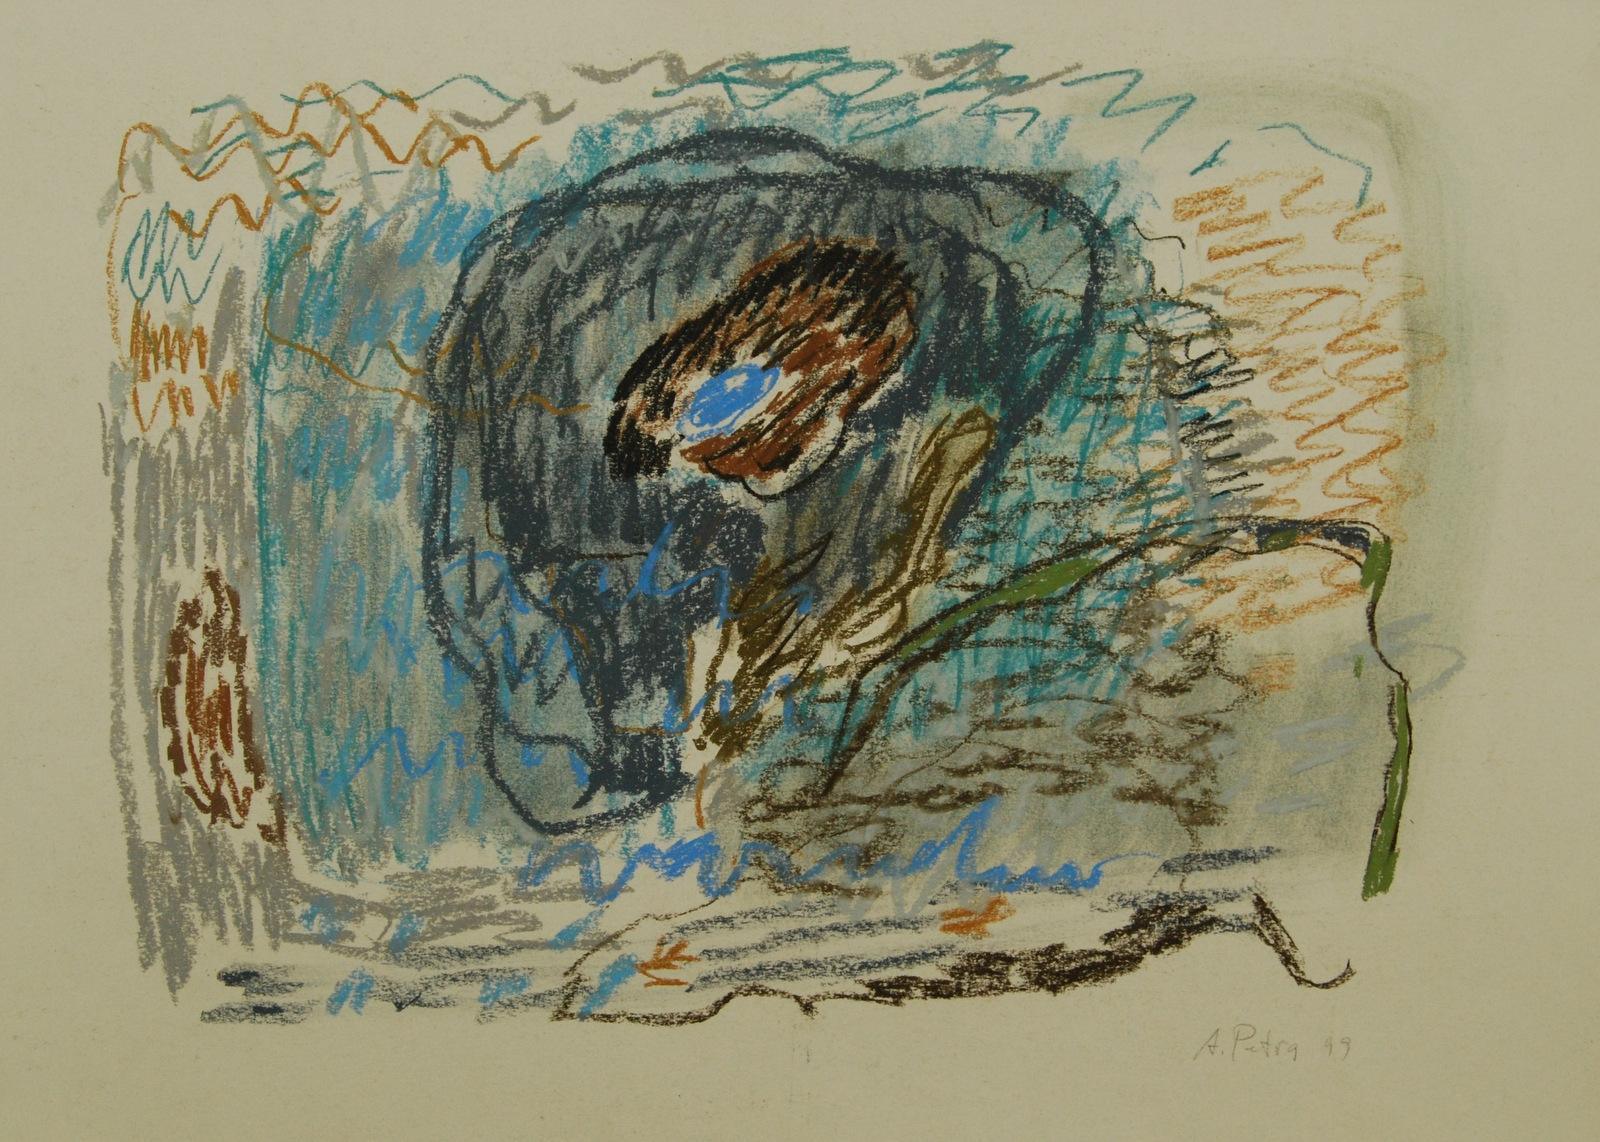 Be pavadinimo, 1999, popierius, pastelė, 45x64cm